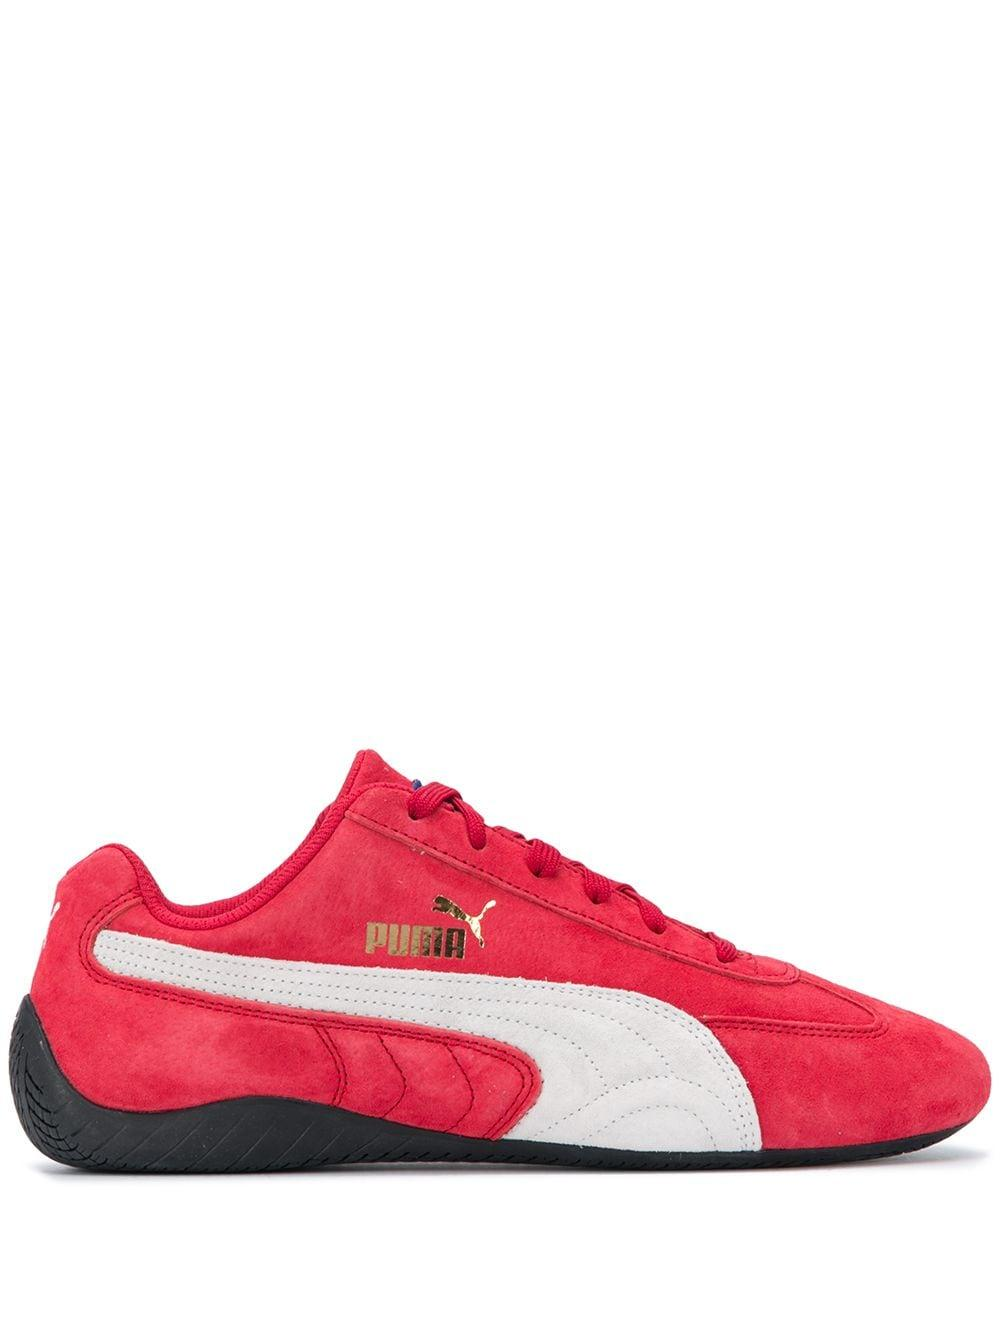 Chaussure Basket Speedcat Sparco Daim PUMA en coloris Rouge - Lyst